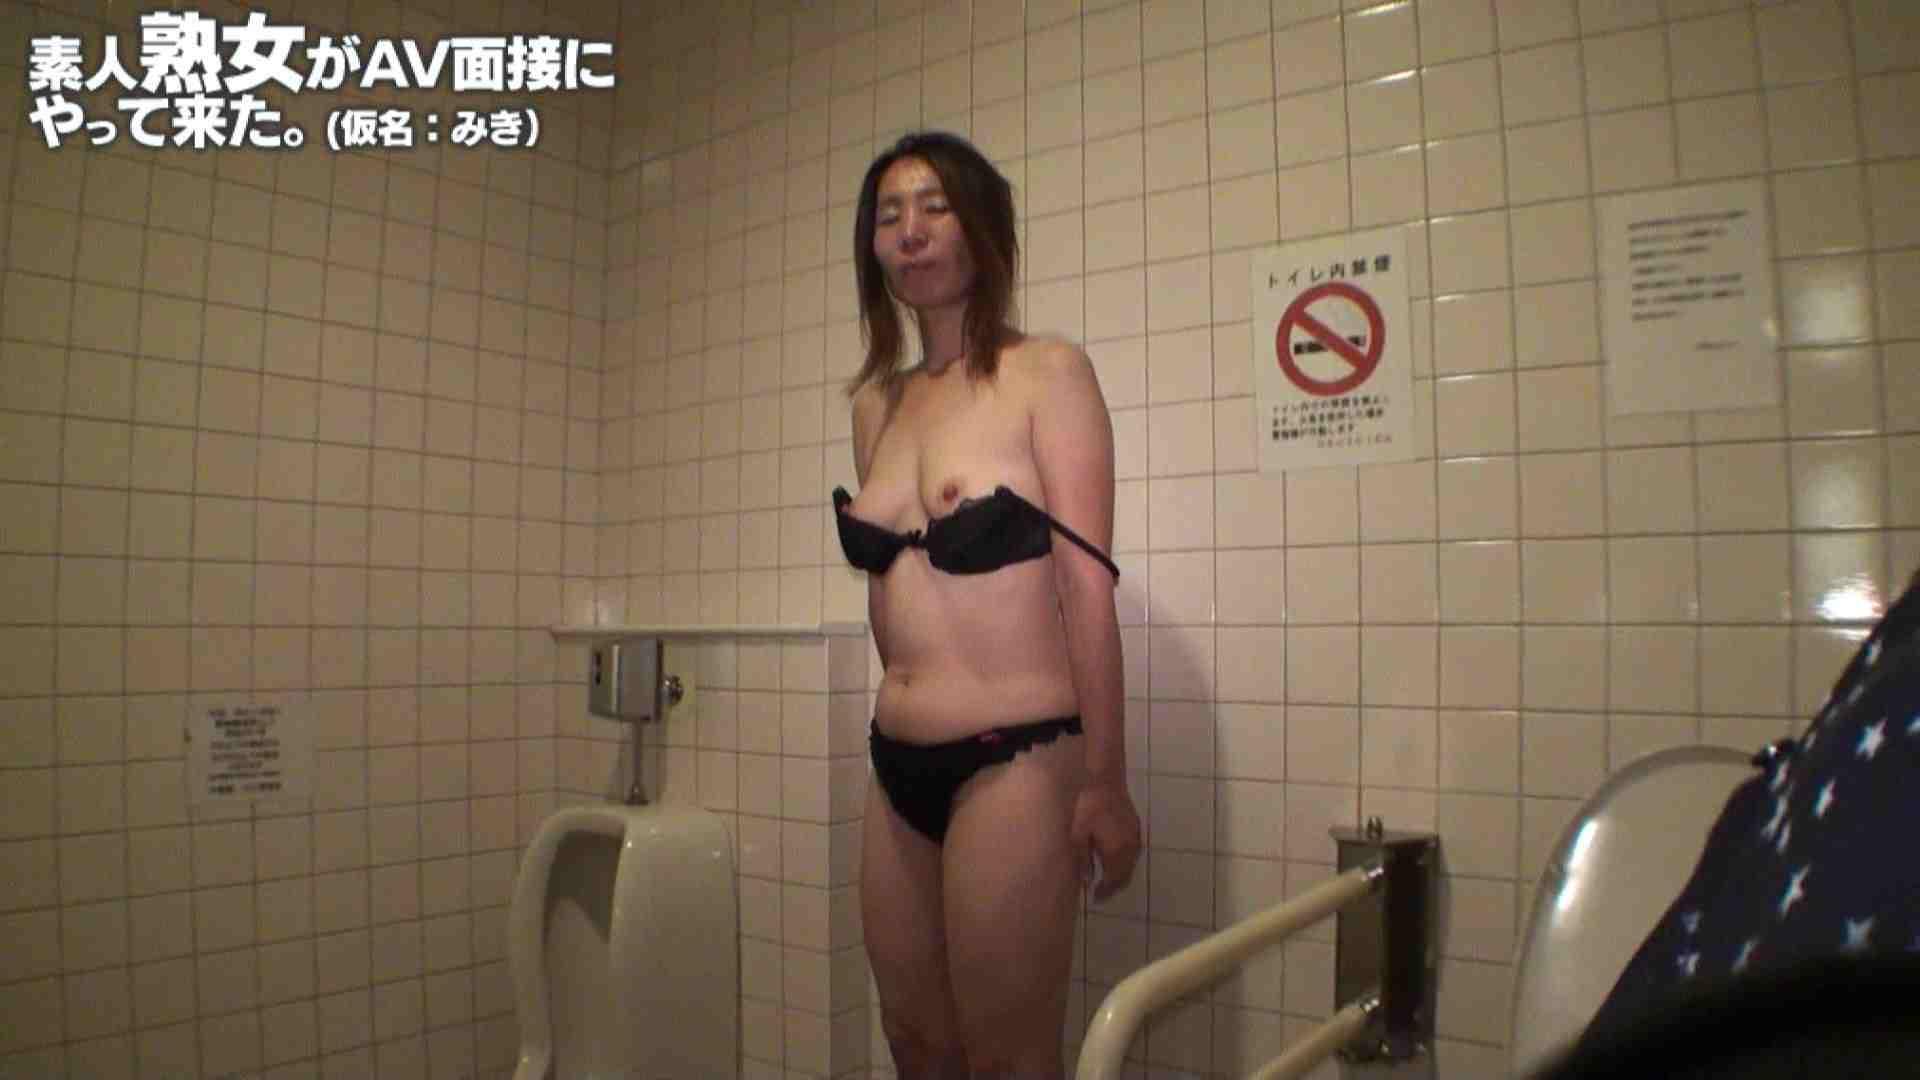 素人熟女がAV面接にやってきた (熟女)みきさんVOL.03 中出し 性交動画流出 105pic 68